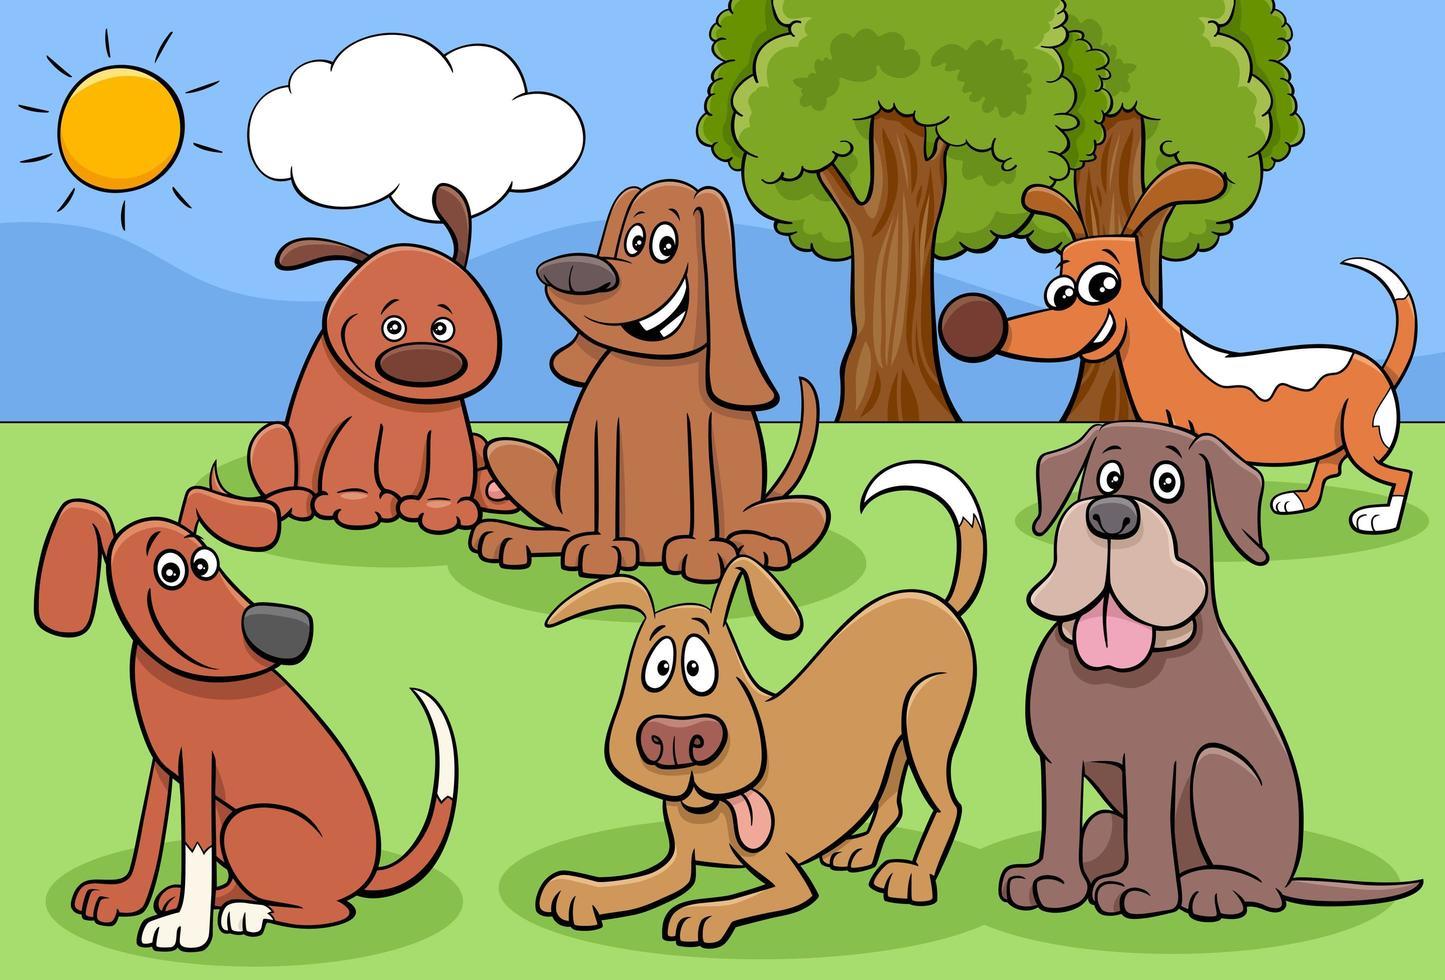 grupo de personagens de cães e cachorros de desenho animado vetor